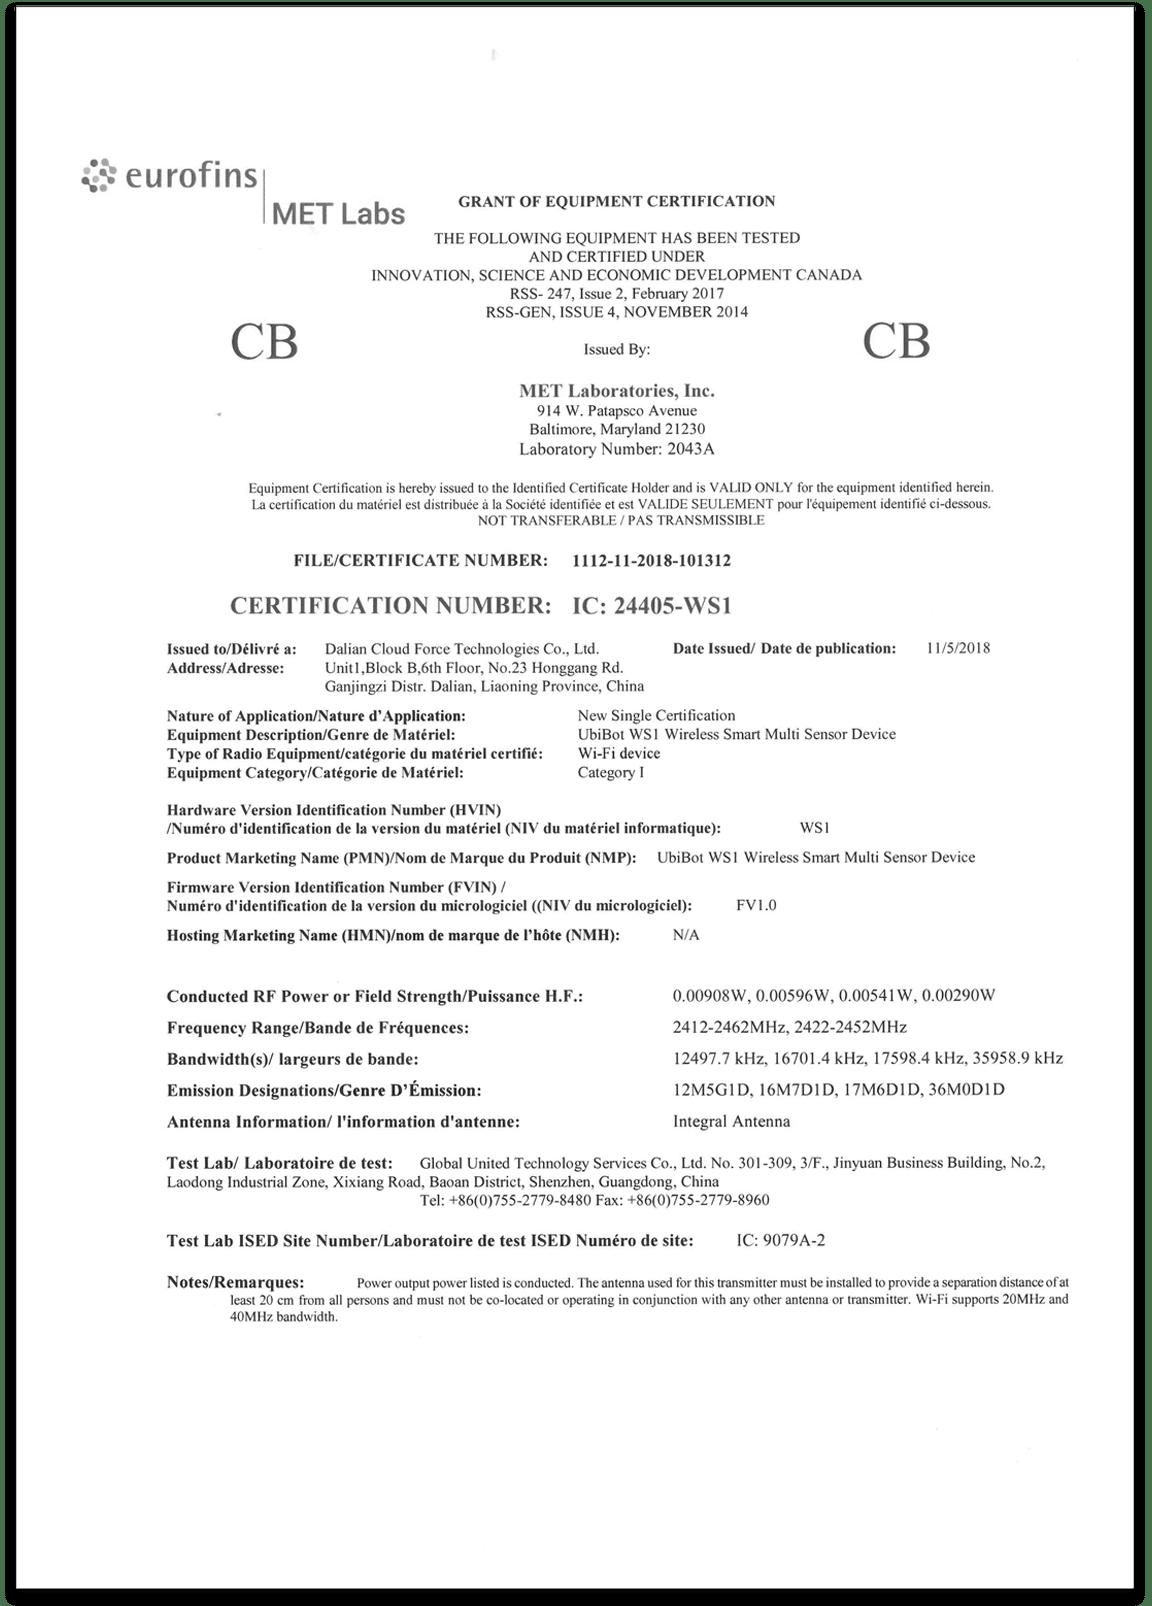 certyfikacja rejestratora ws1 CB